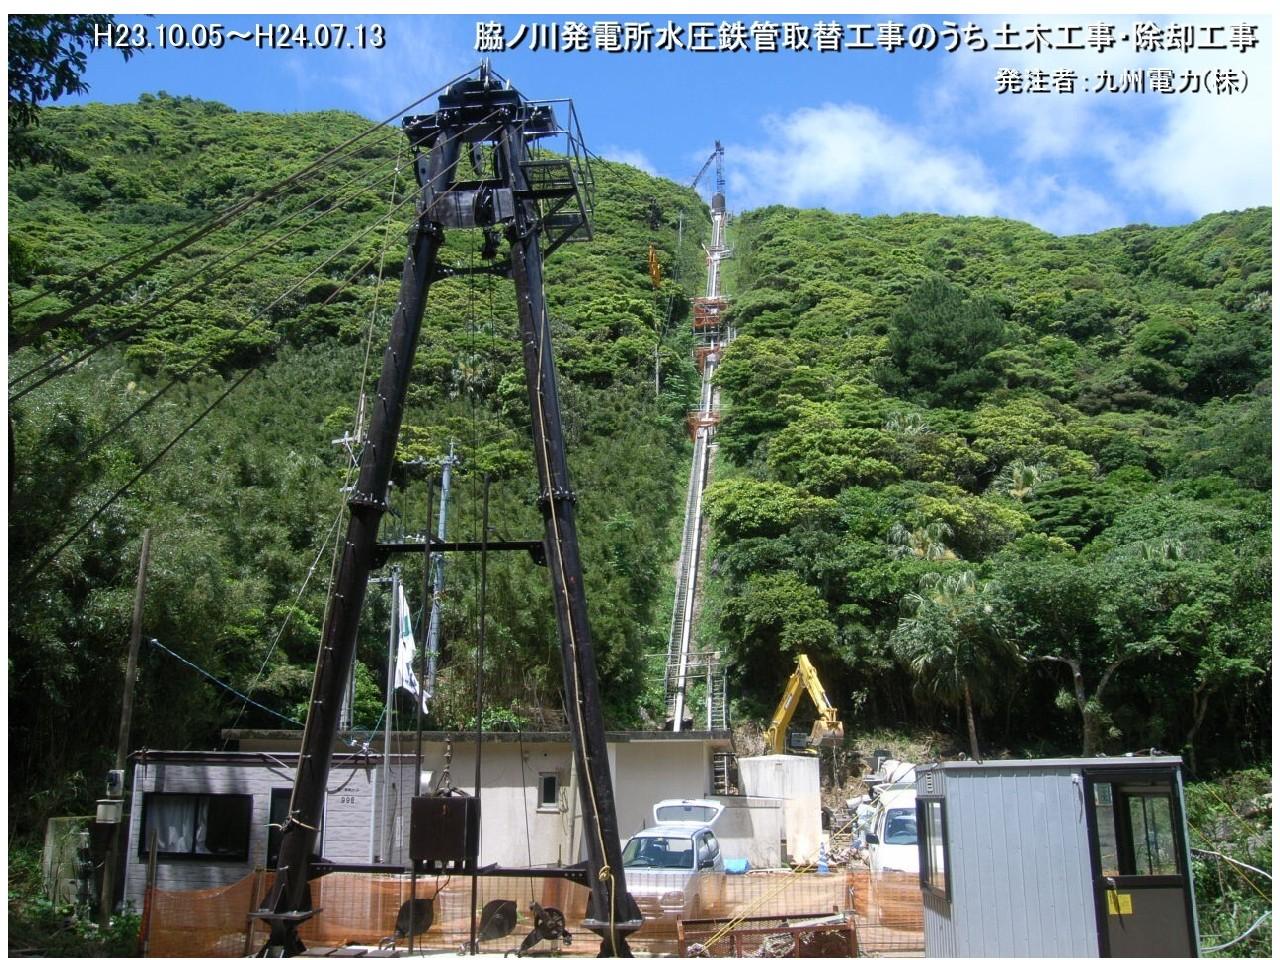 脇ノ川発電所水圧鉄管取替  工事のうち土木工事・除却工事